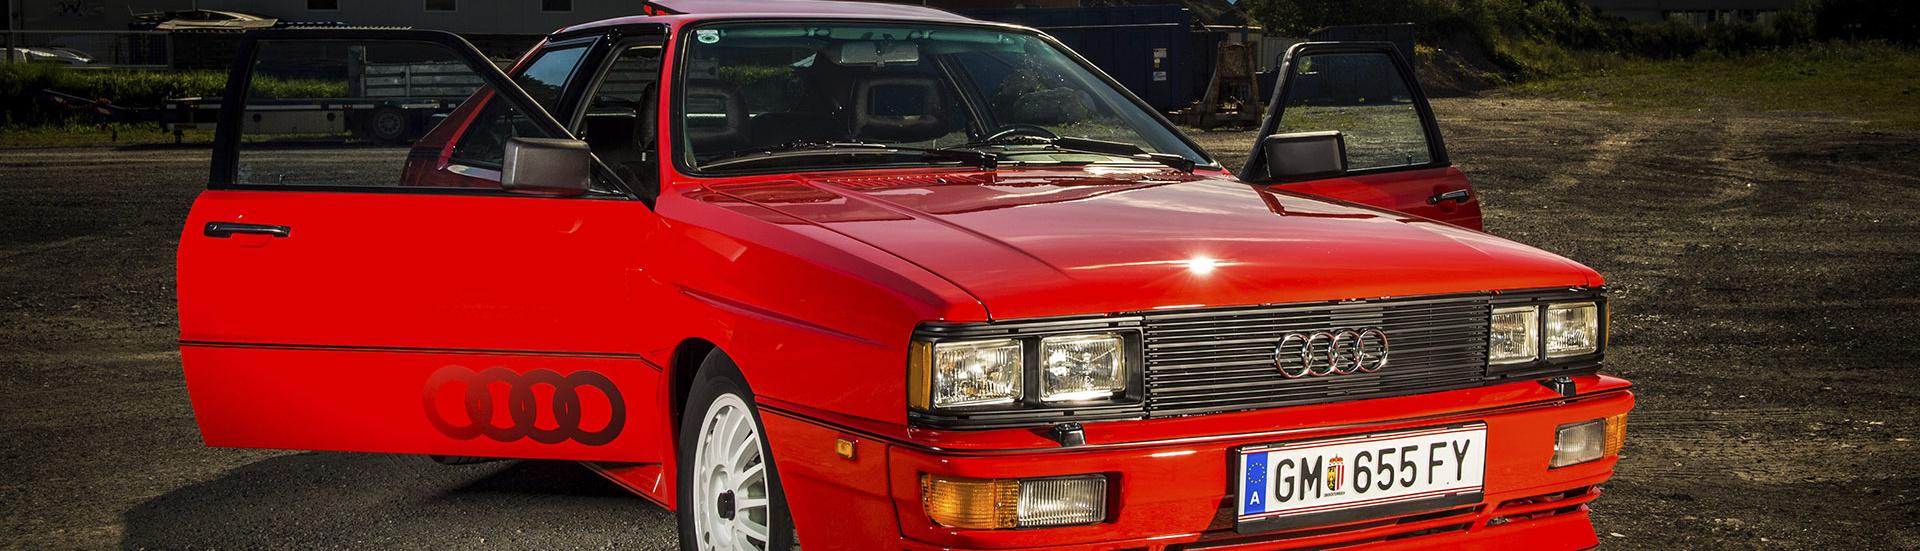 Audi Quattro Coupé, Urquattro, 1981, Oldtimer-Restauration im Kfz-Fachbetrieb Preussler in Radstadt, Österreich